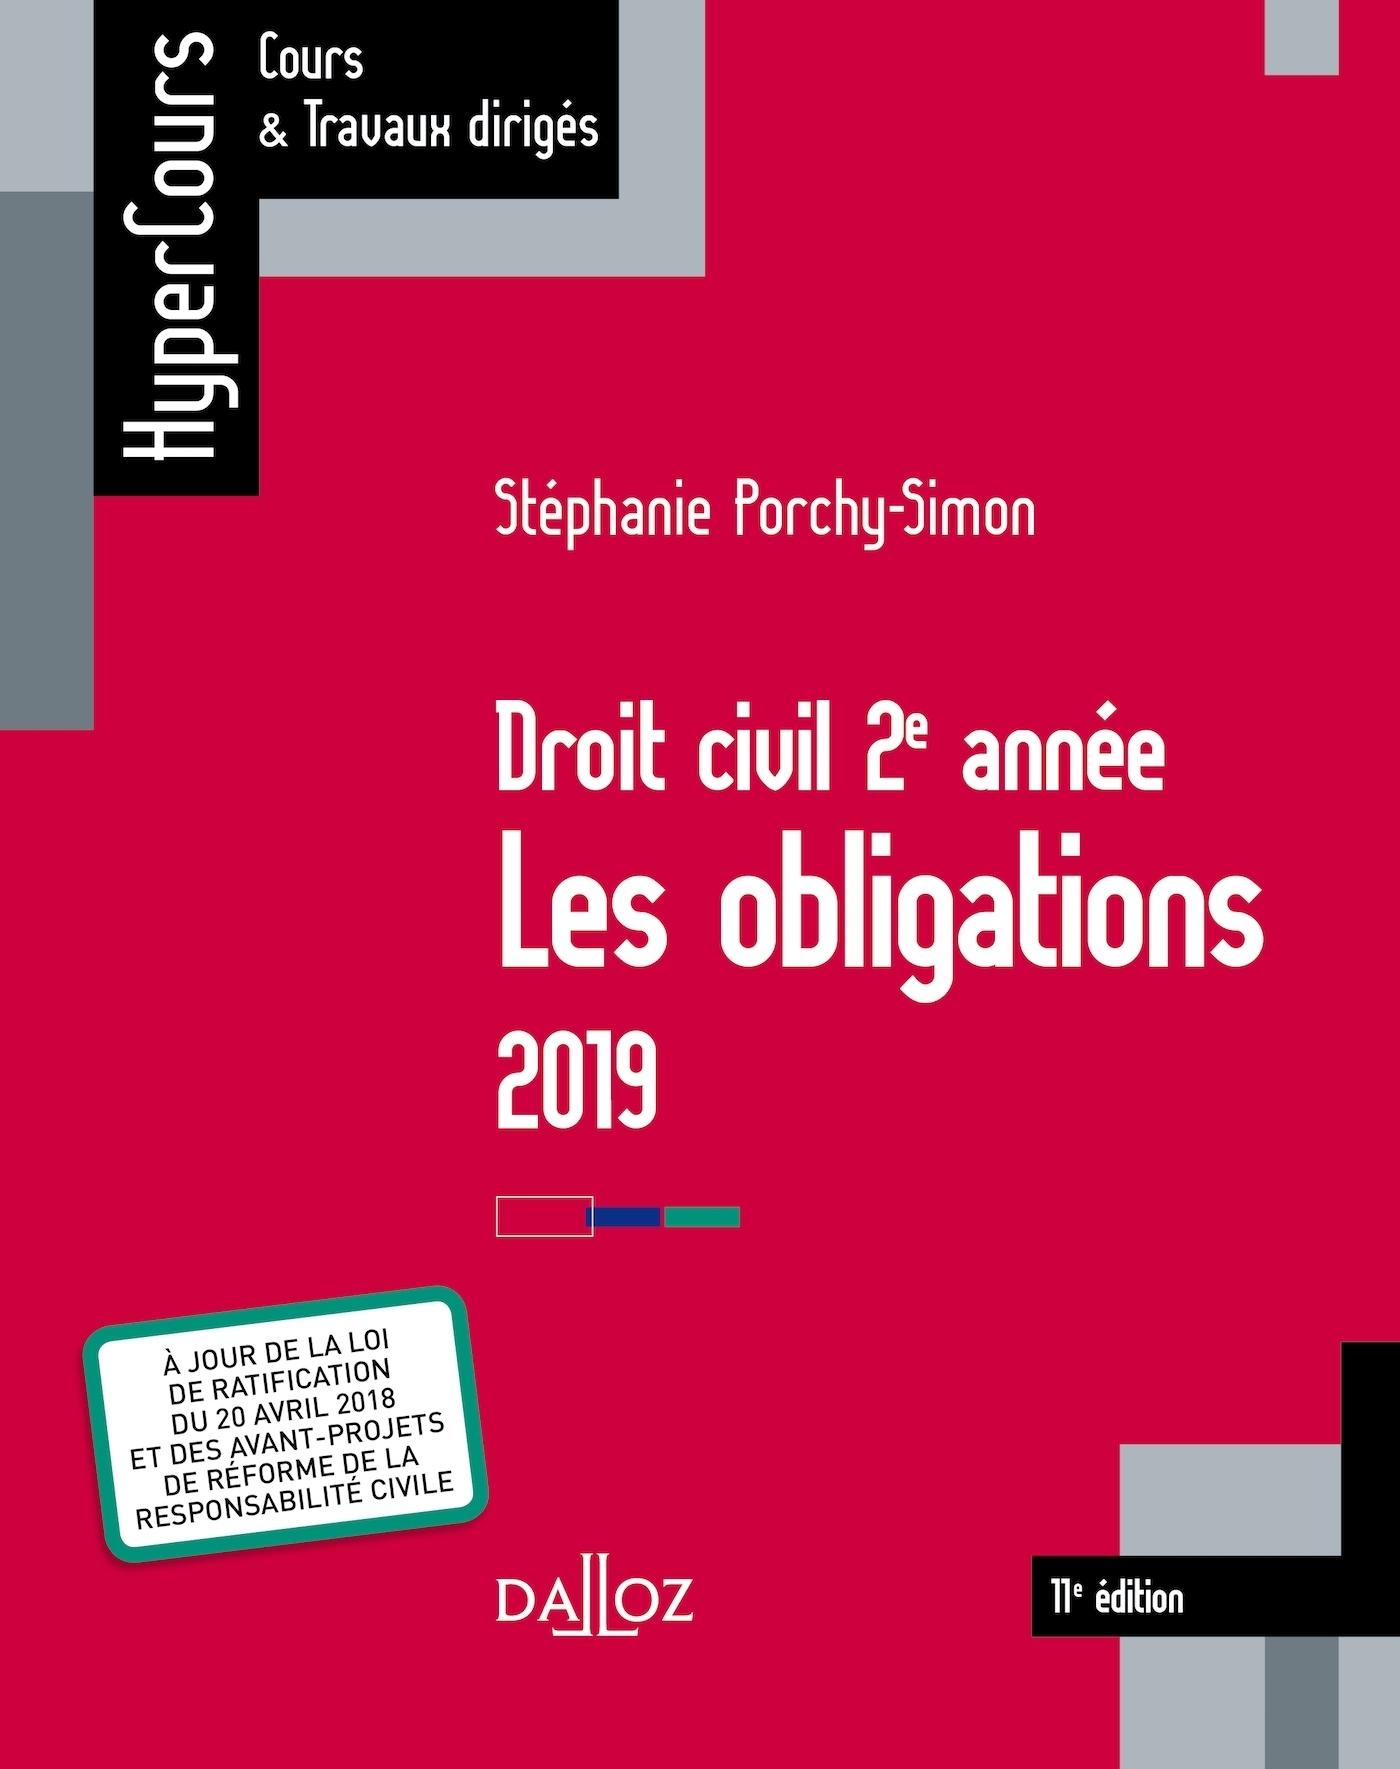 DROIT CIVIL 2E ANNEE, LES OBLIGATIONS 2019 - 11E ED.